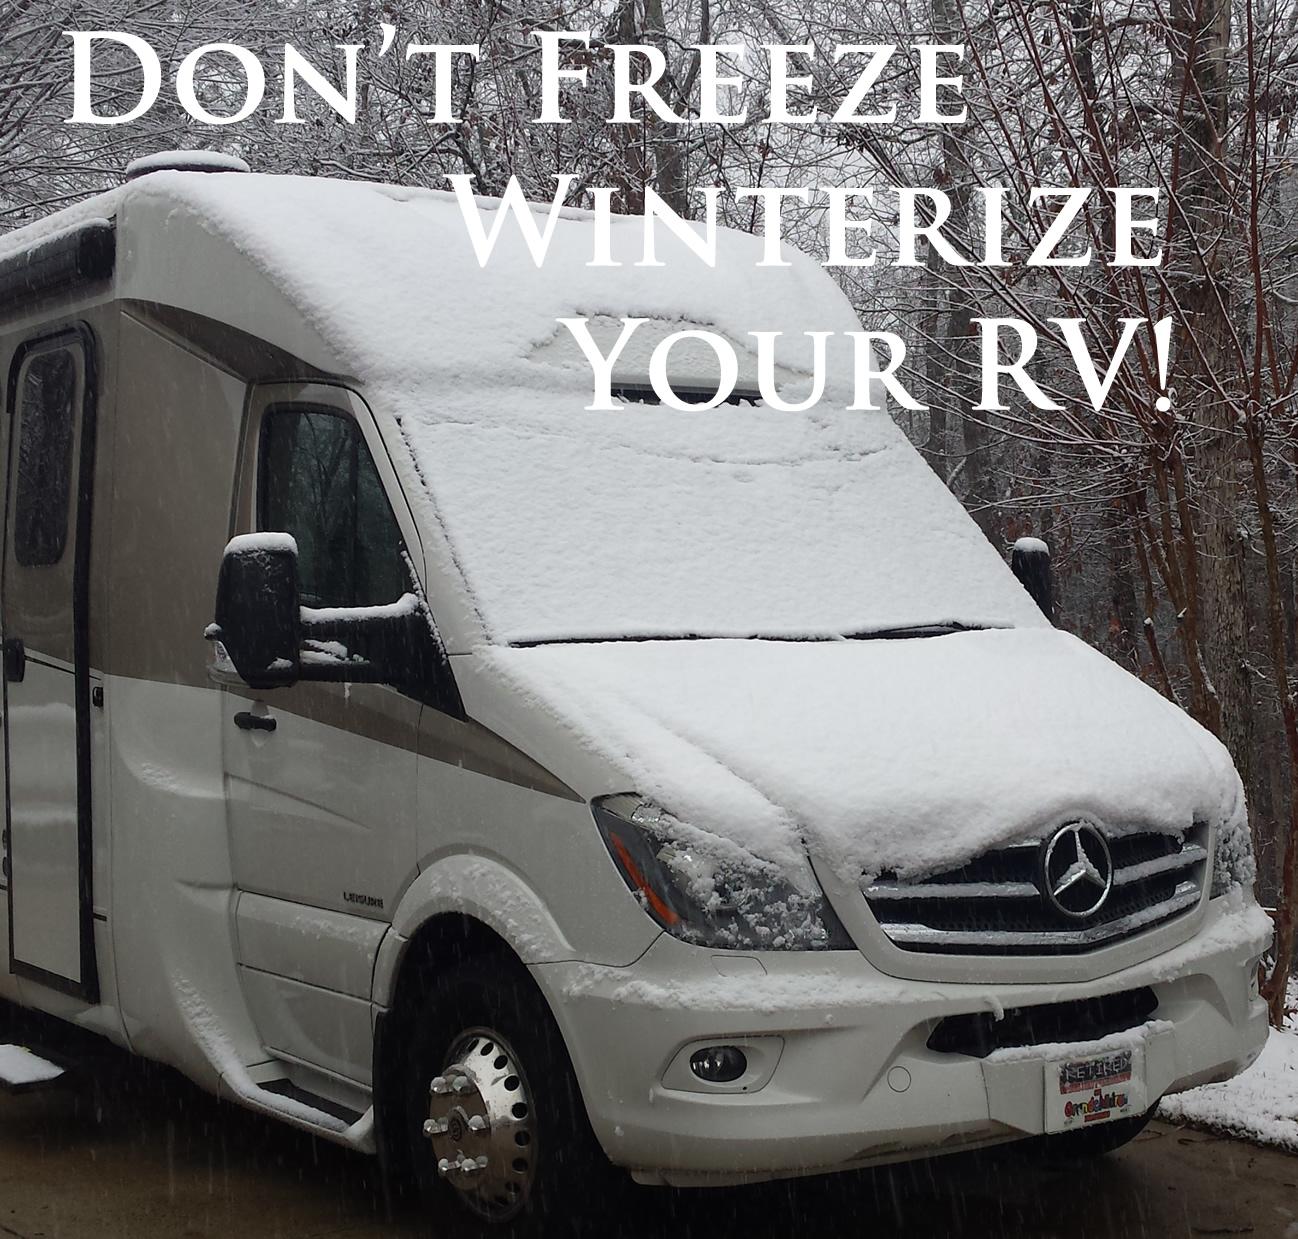 snow-van-text-revised.jpg